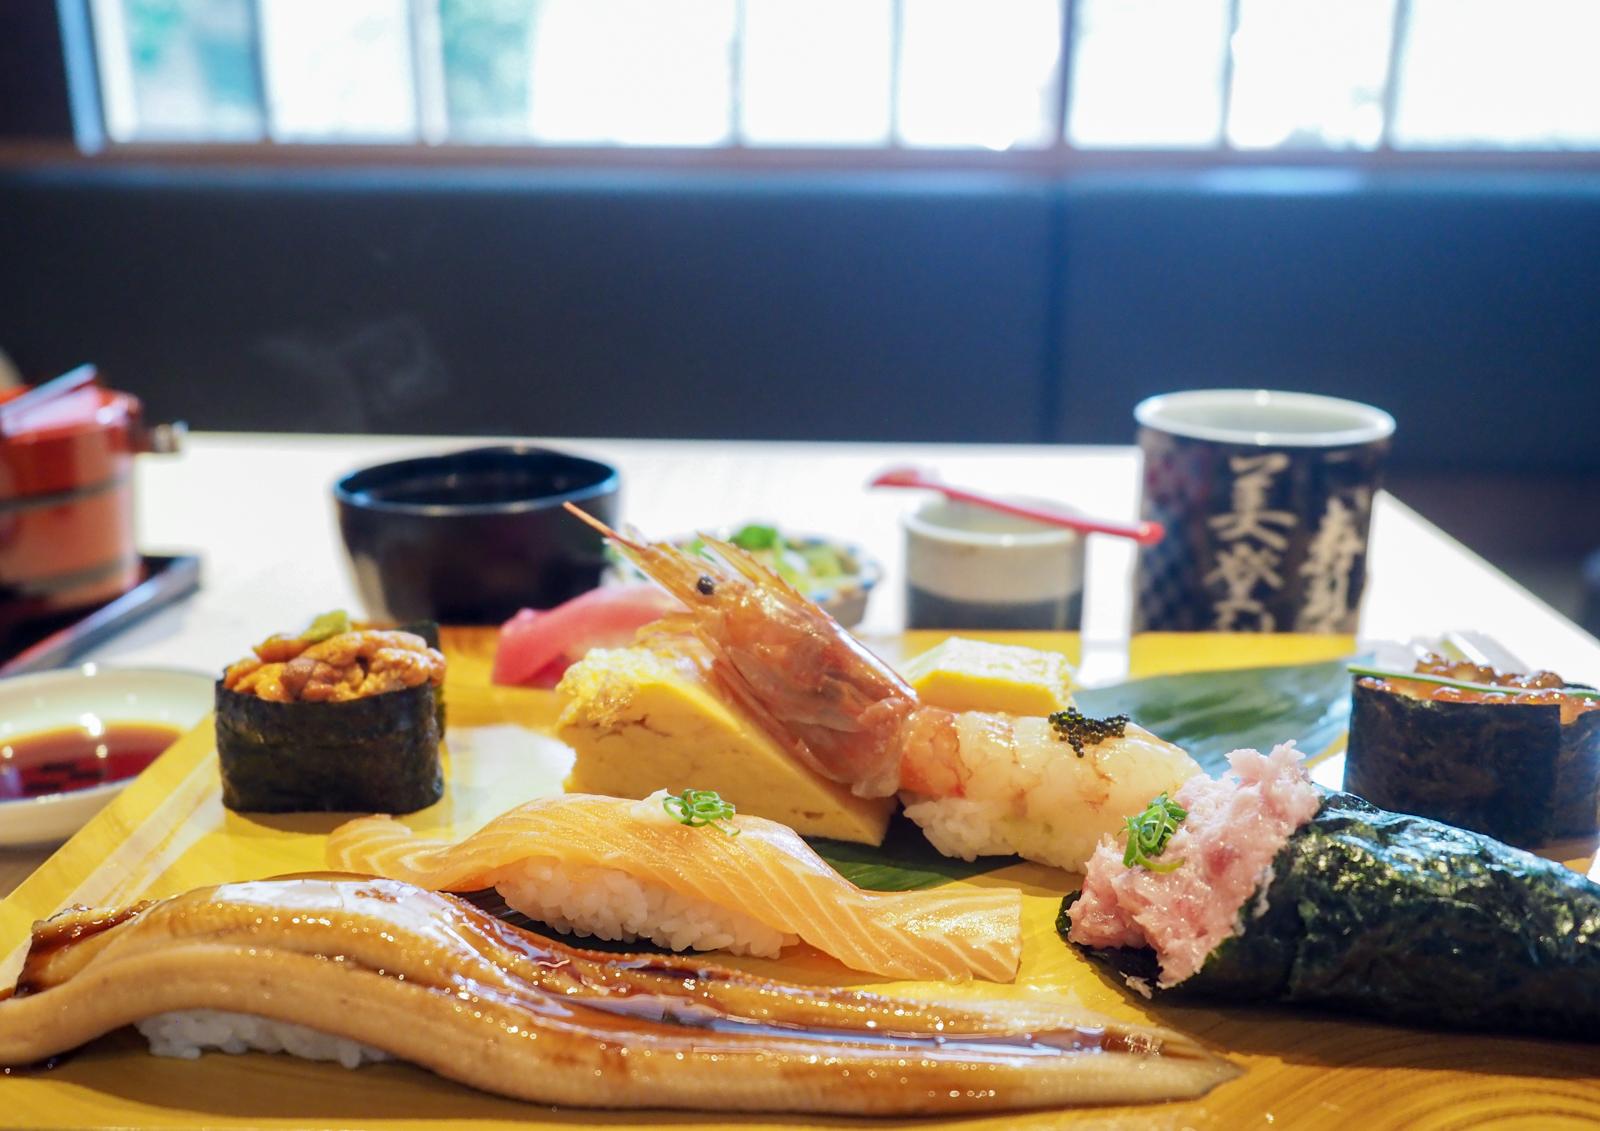 壽司美登利台灣一號店 預約也要等上兩個小時的好滋味 點豪華綜合拼盤不後悔!